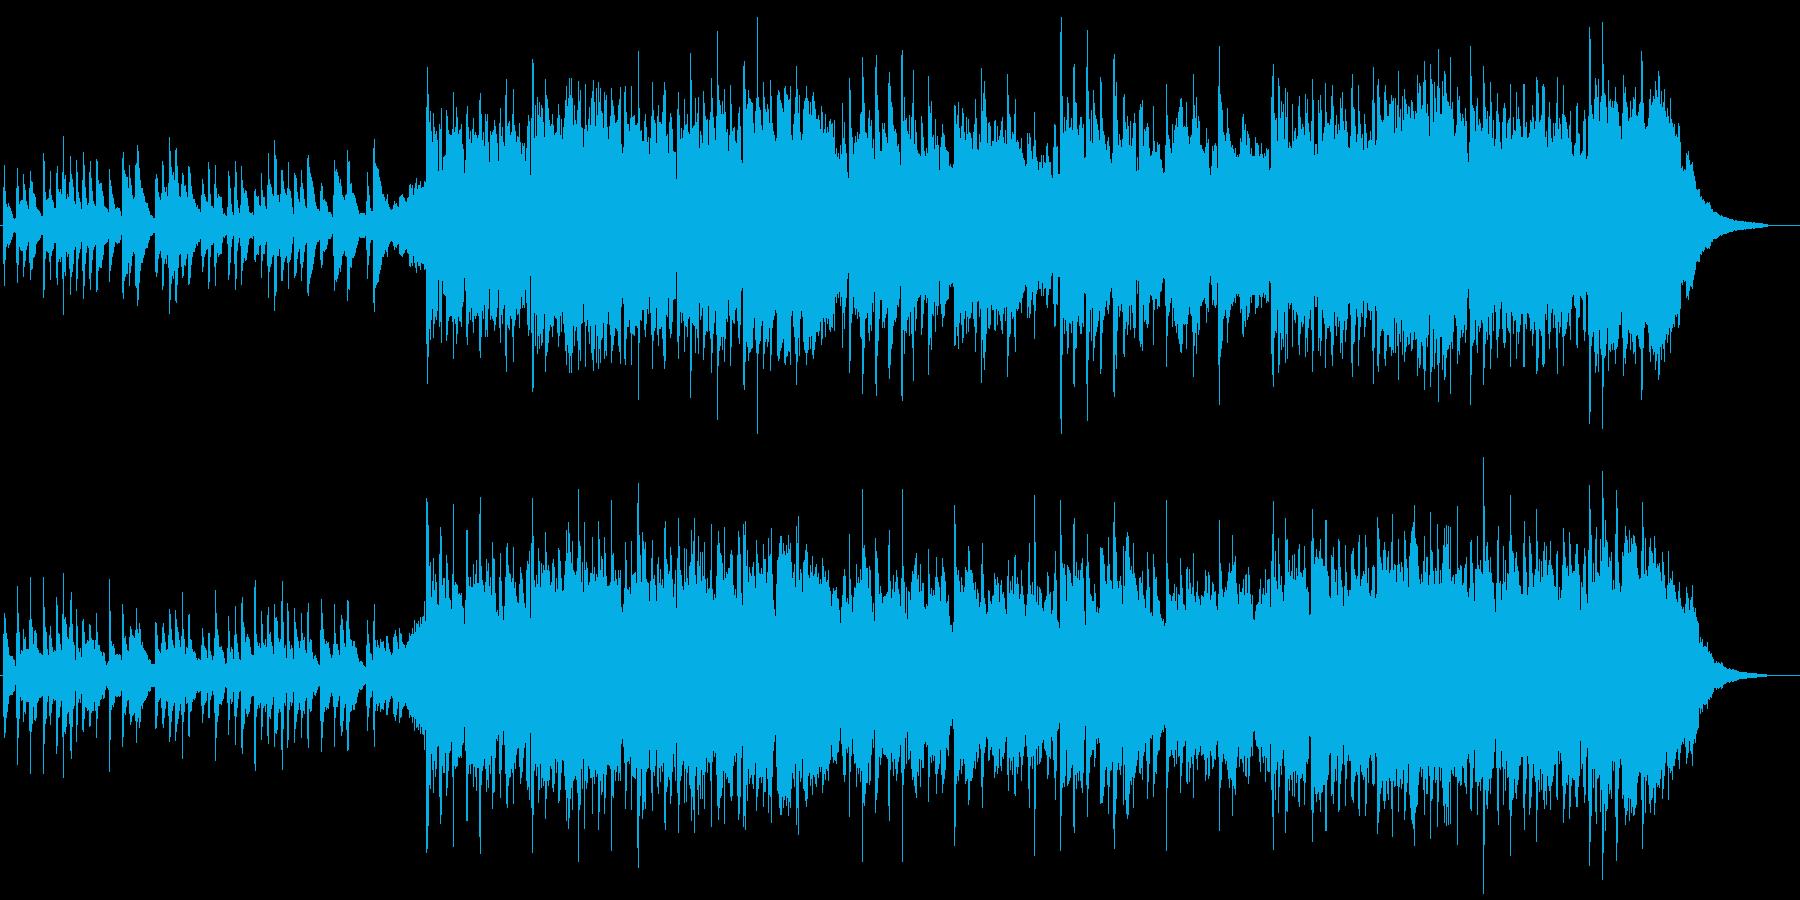 日本らしい切なく落ち着いた和風BGM10の再生済みの波形